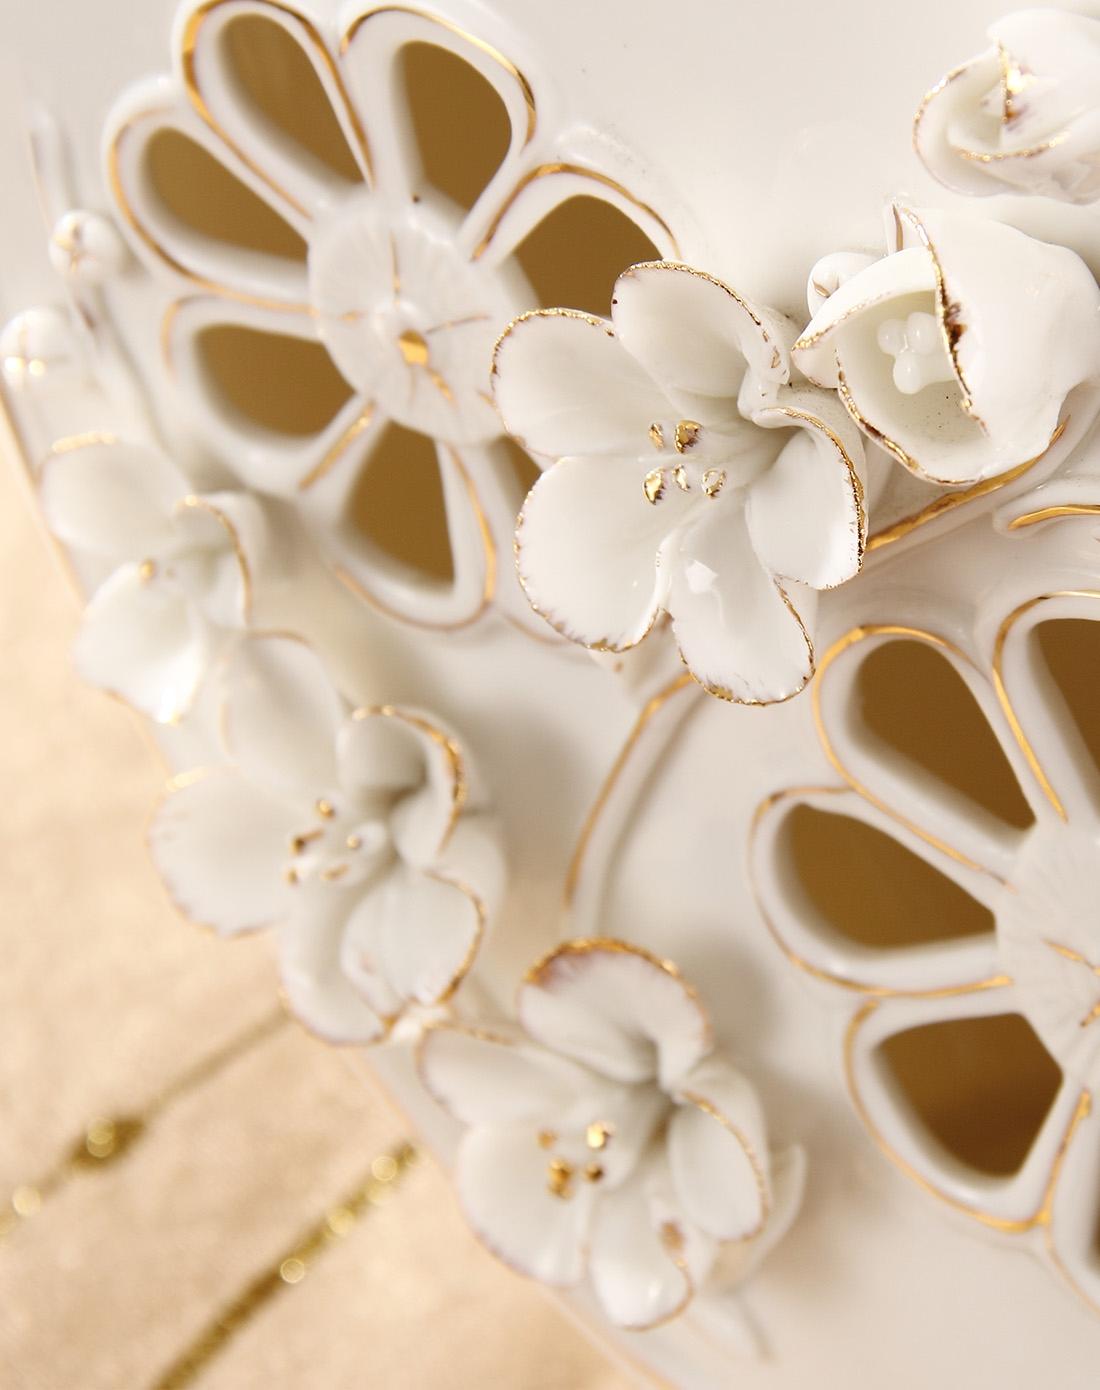 欧式时尚简约镂空雕花陶瓷摆件-b